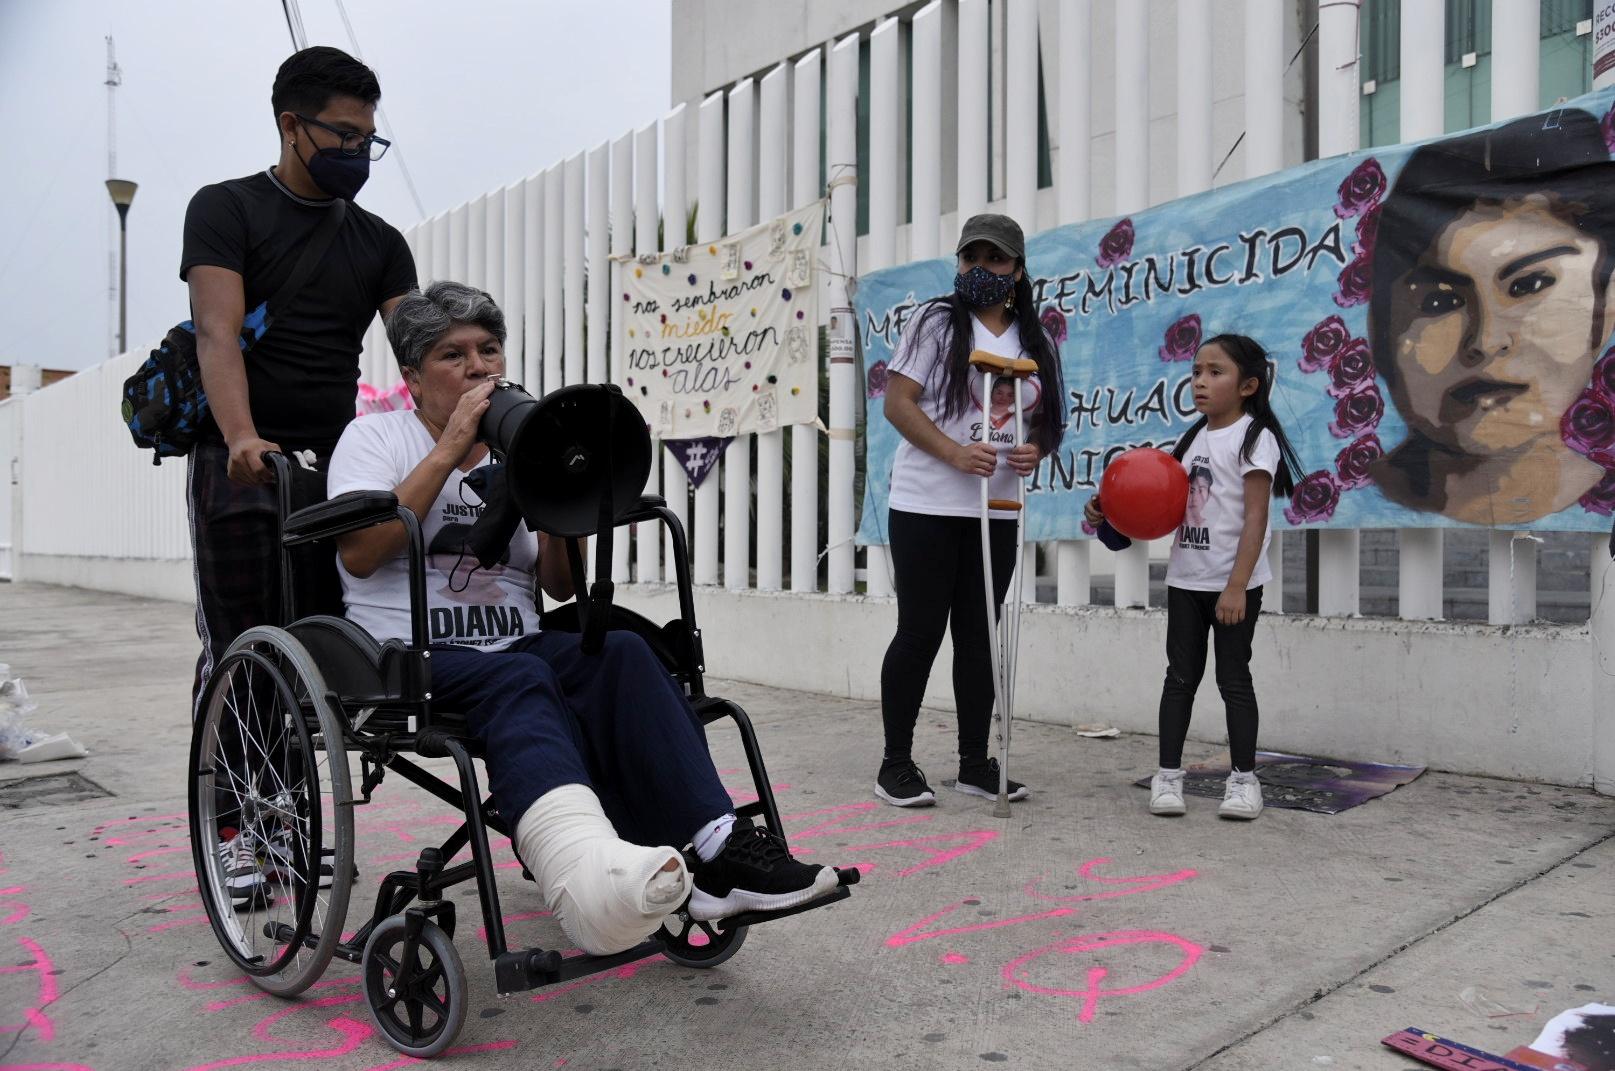 IMAGEN DEL DÍA | Exigen justicia para Diana, víctima de feminicidio en Chimalhuacán